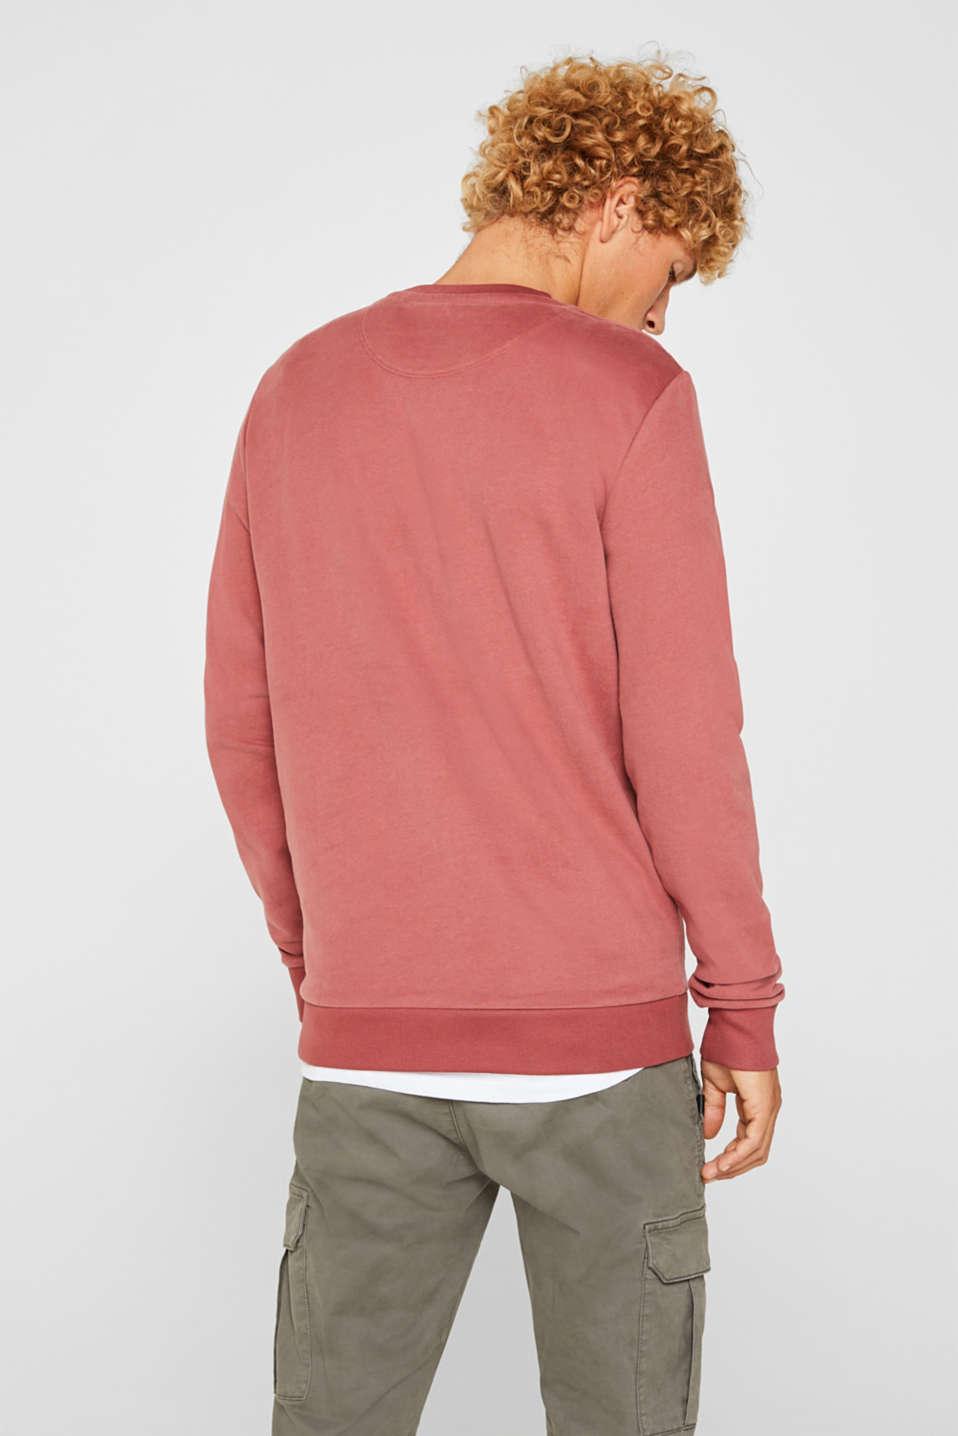 Sweatshirt in 100% cotton, BLUSH, detail image number 3